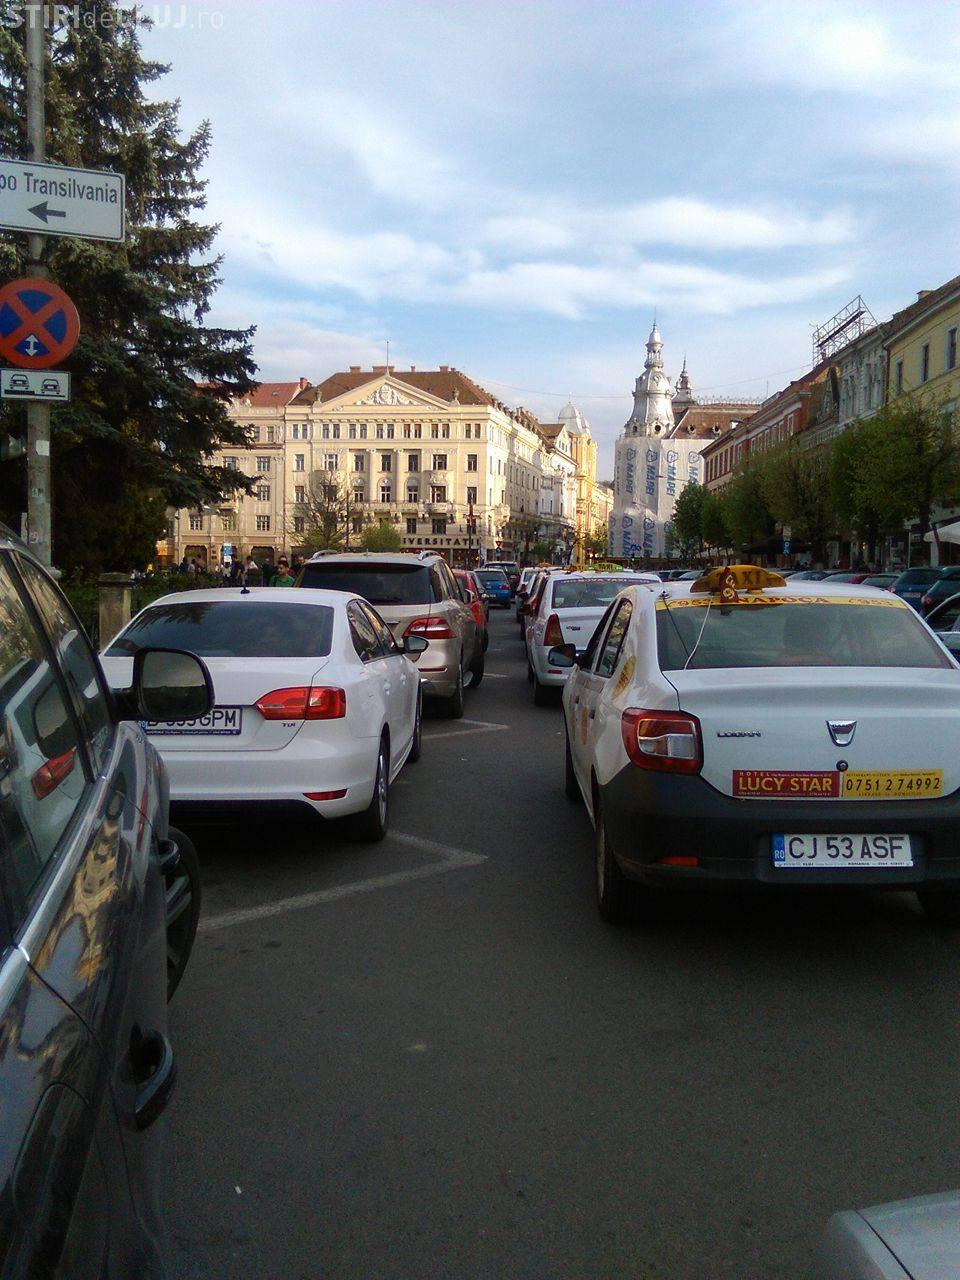 Șmecherașii care ocupă standul de taxi din Piața Unirii au fost amendați, după reclamația taximetriștilor - FOTO